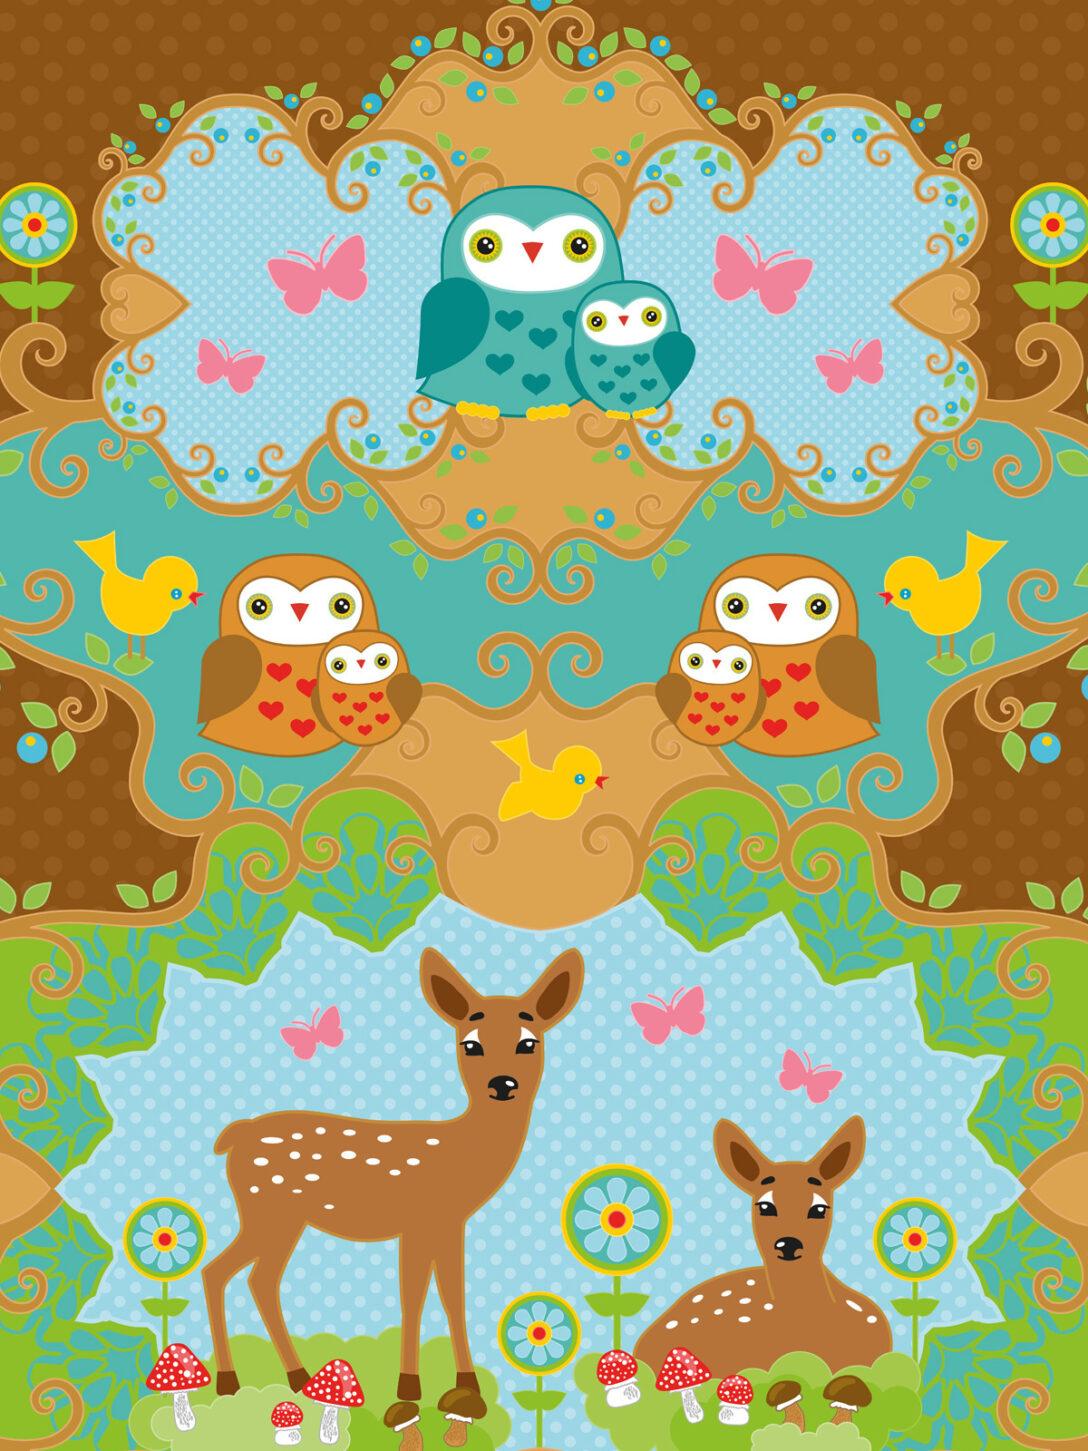 Large Size of Wandbild Kinderzimmer Tapete Rehkitz Bellino Mit Eulen Miyo Mori Sofa Wohnzimmer Regal Regale Weiß Wandbilder Schlafzimmer Kinderzimmer Wandbild Kinderzimmer